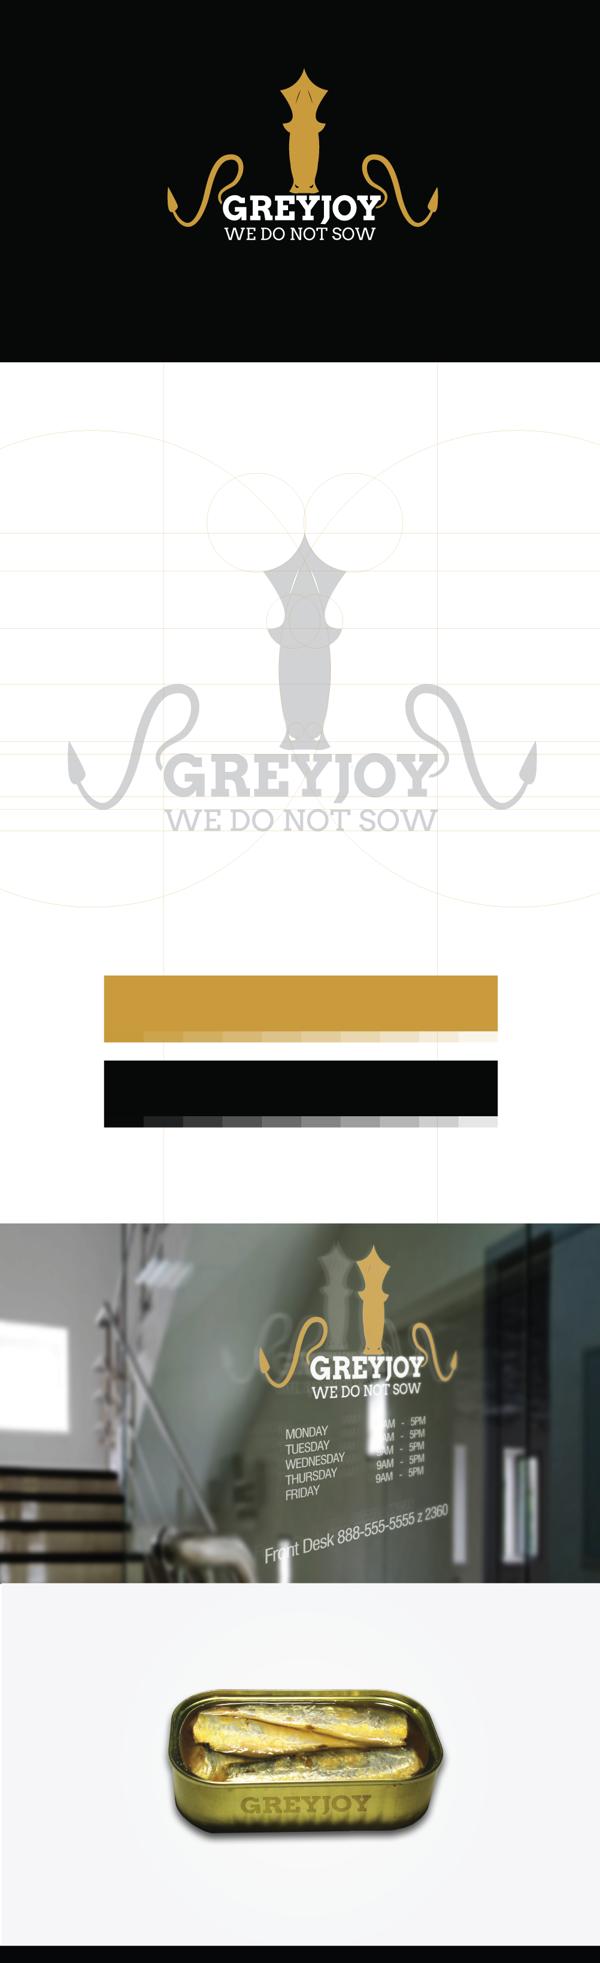 greyjoy-got-st-barth-le-news